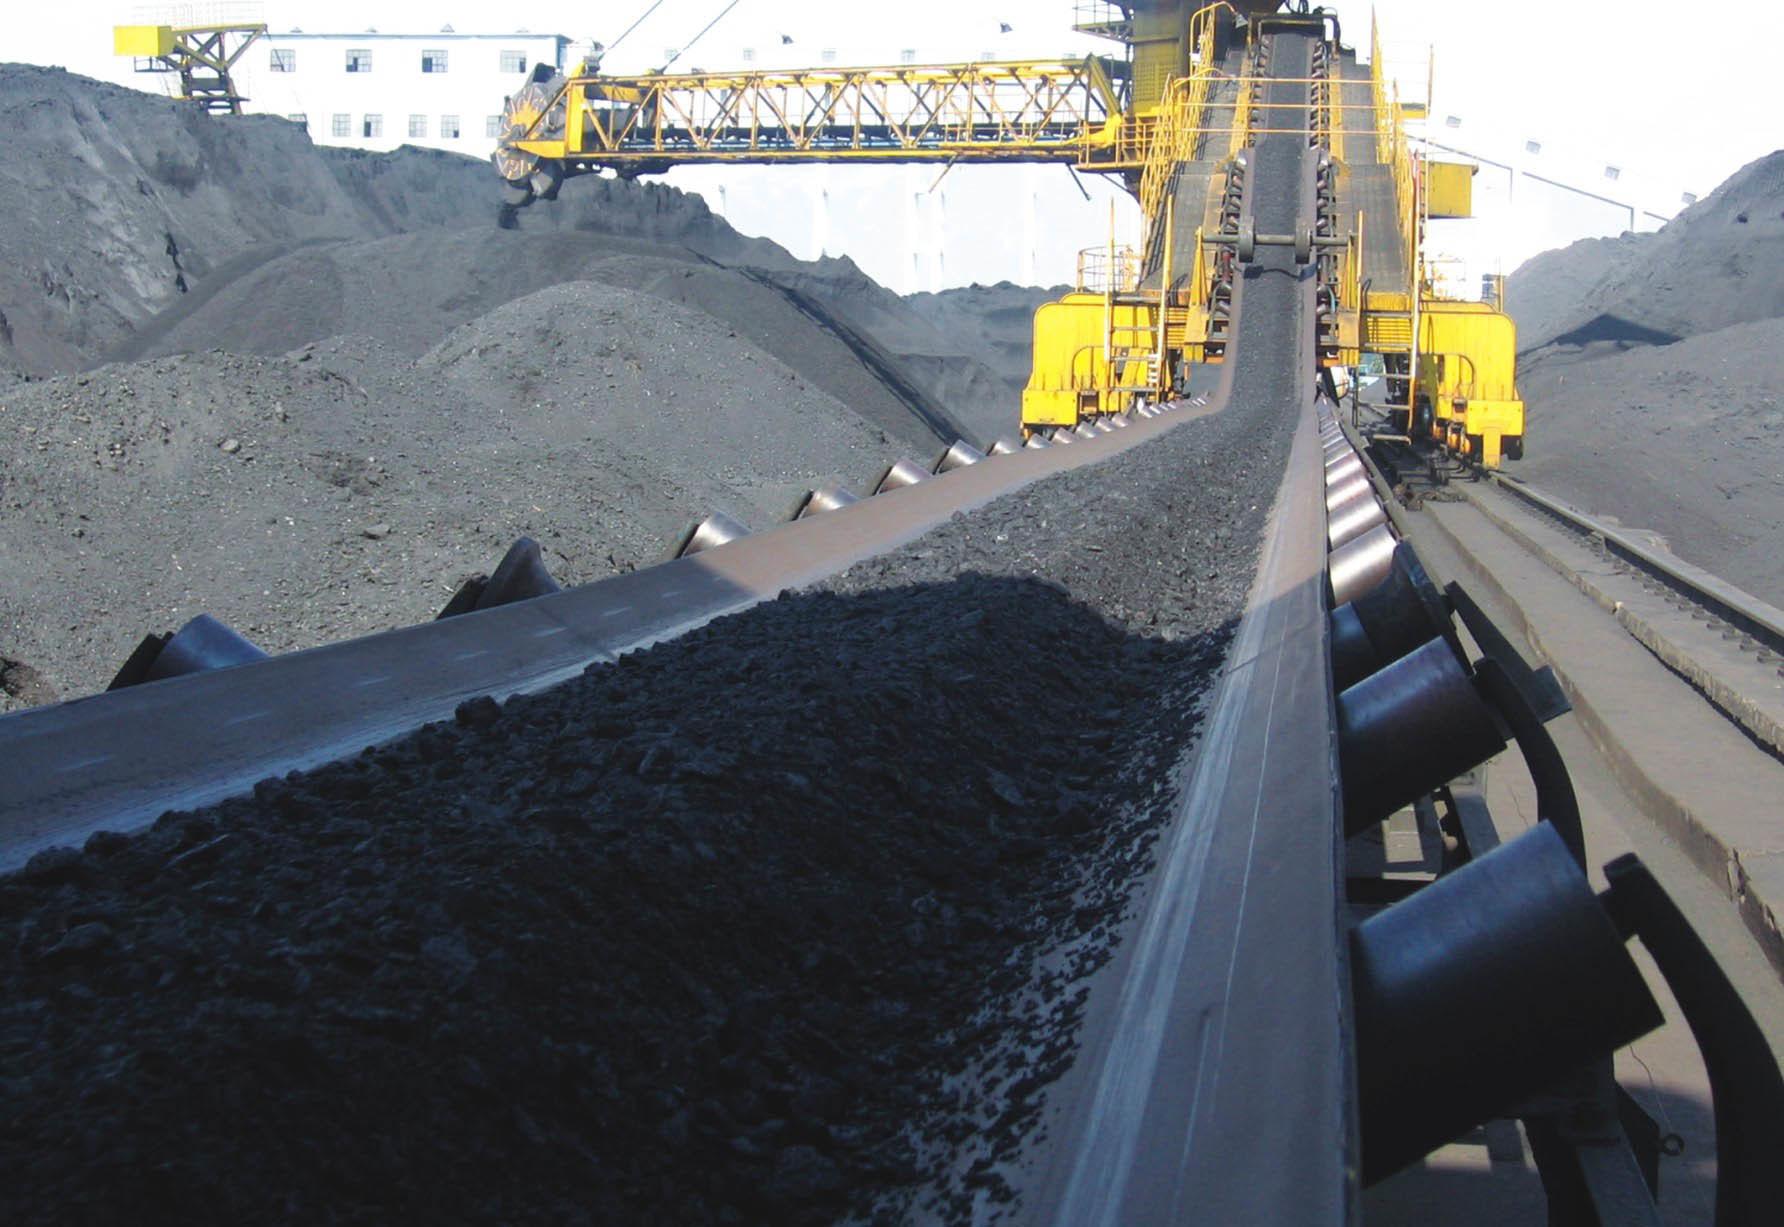 Транспортировка угля конвейером предохранители транспортер 2010